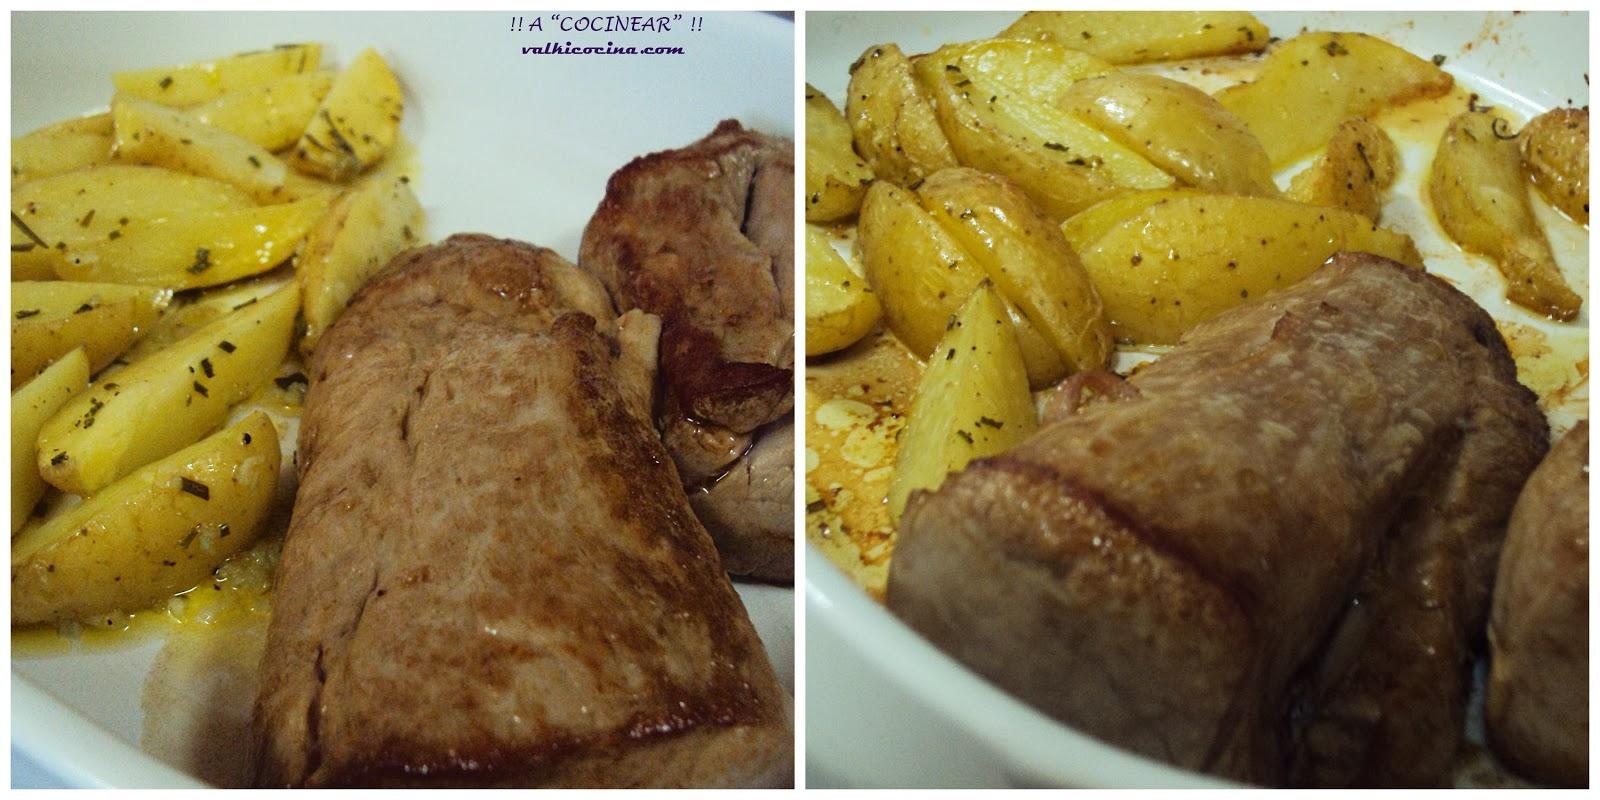 Solomillo de cerdo a la pimienta negra a cocinear - Como preparar un solomillo de cerdo al horno ...